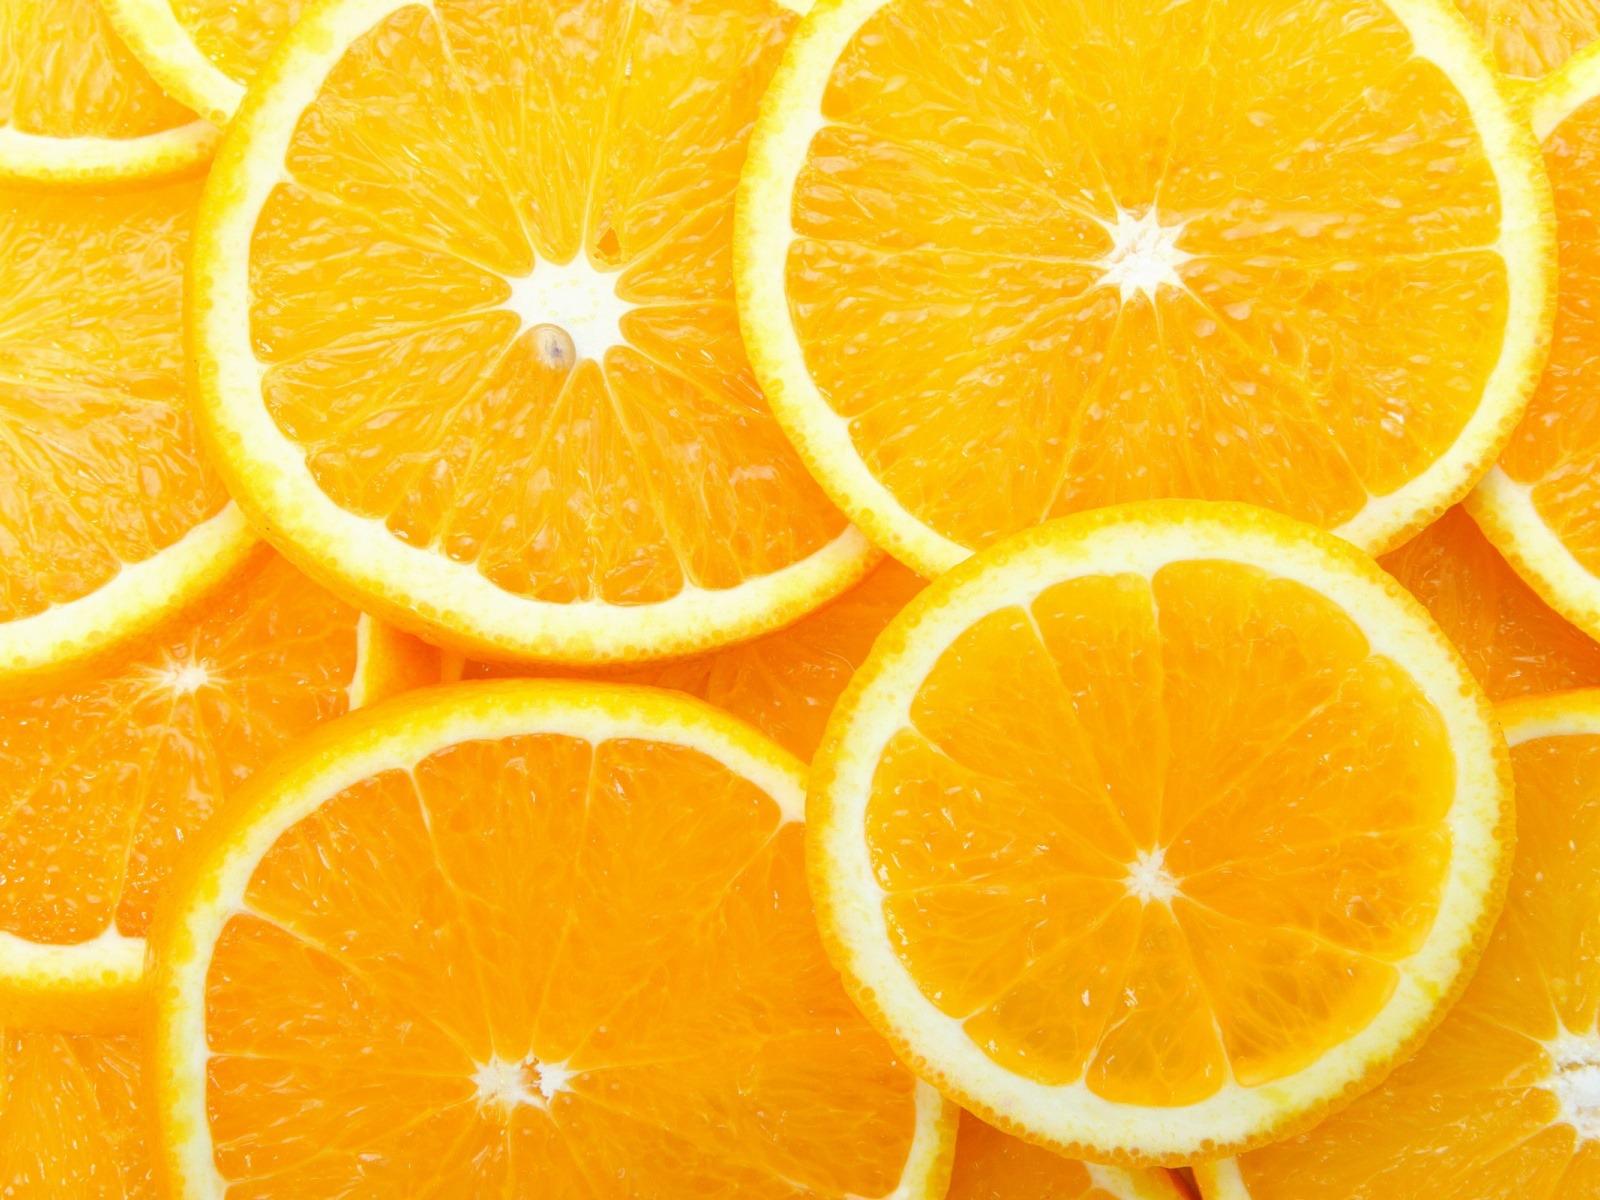 ویتامین ث سرطان روده را از بین میبره